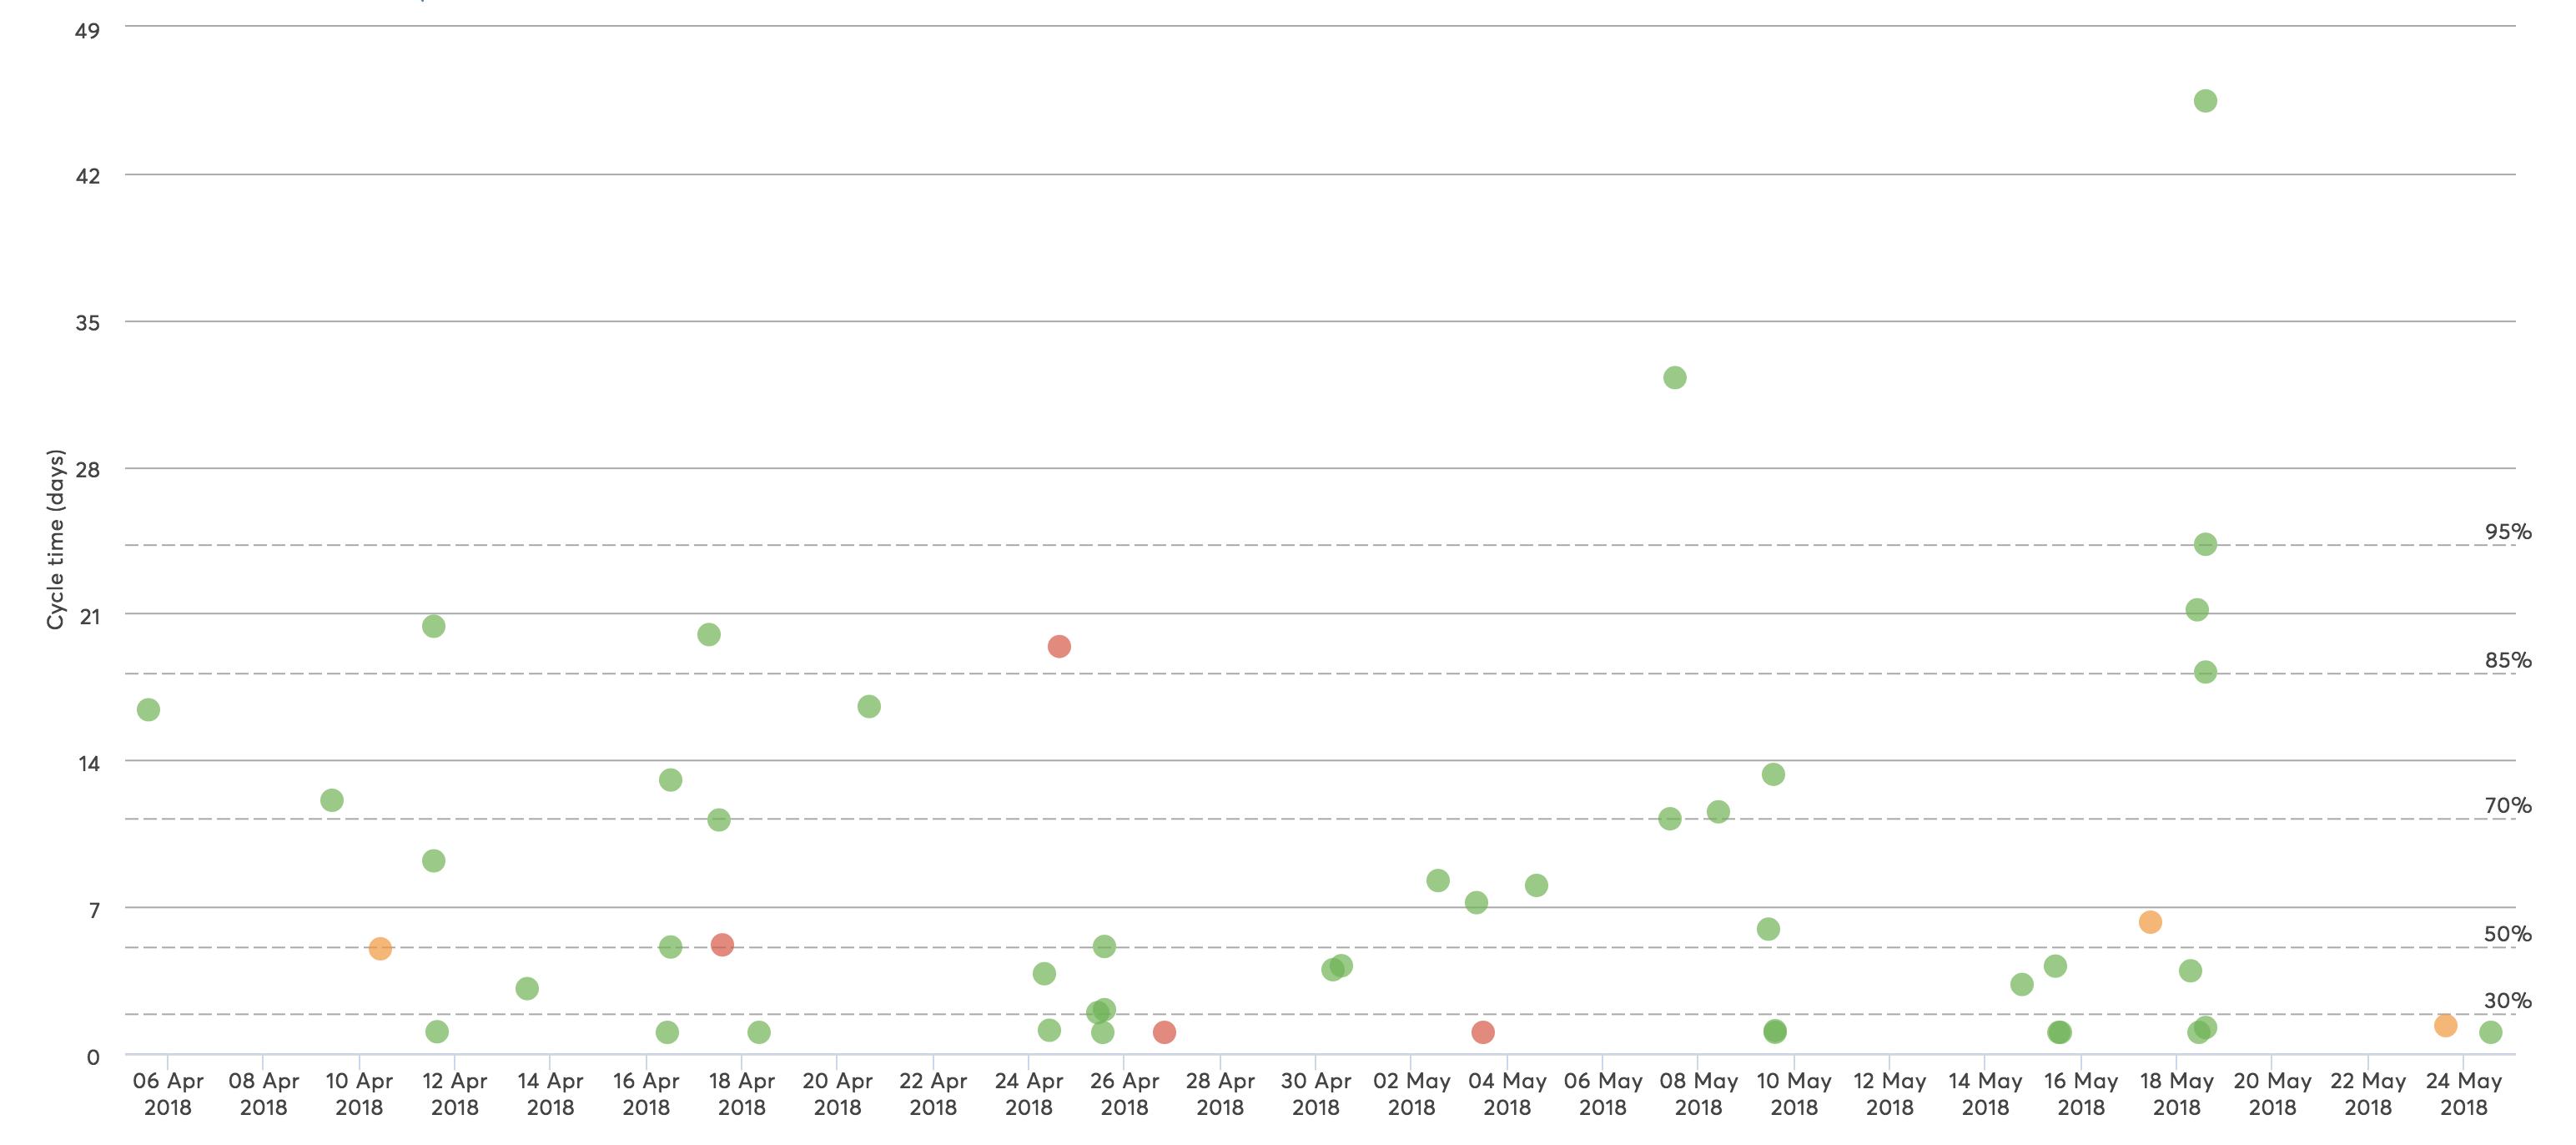 Kanban Cycle Time Scatterplot Patterns - Gaps